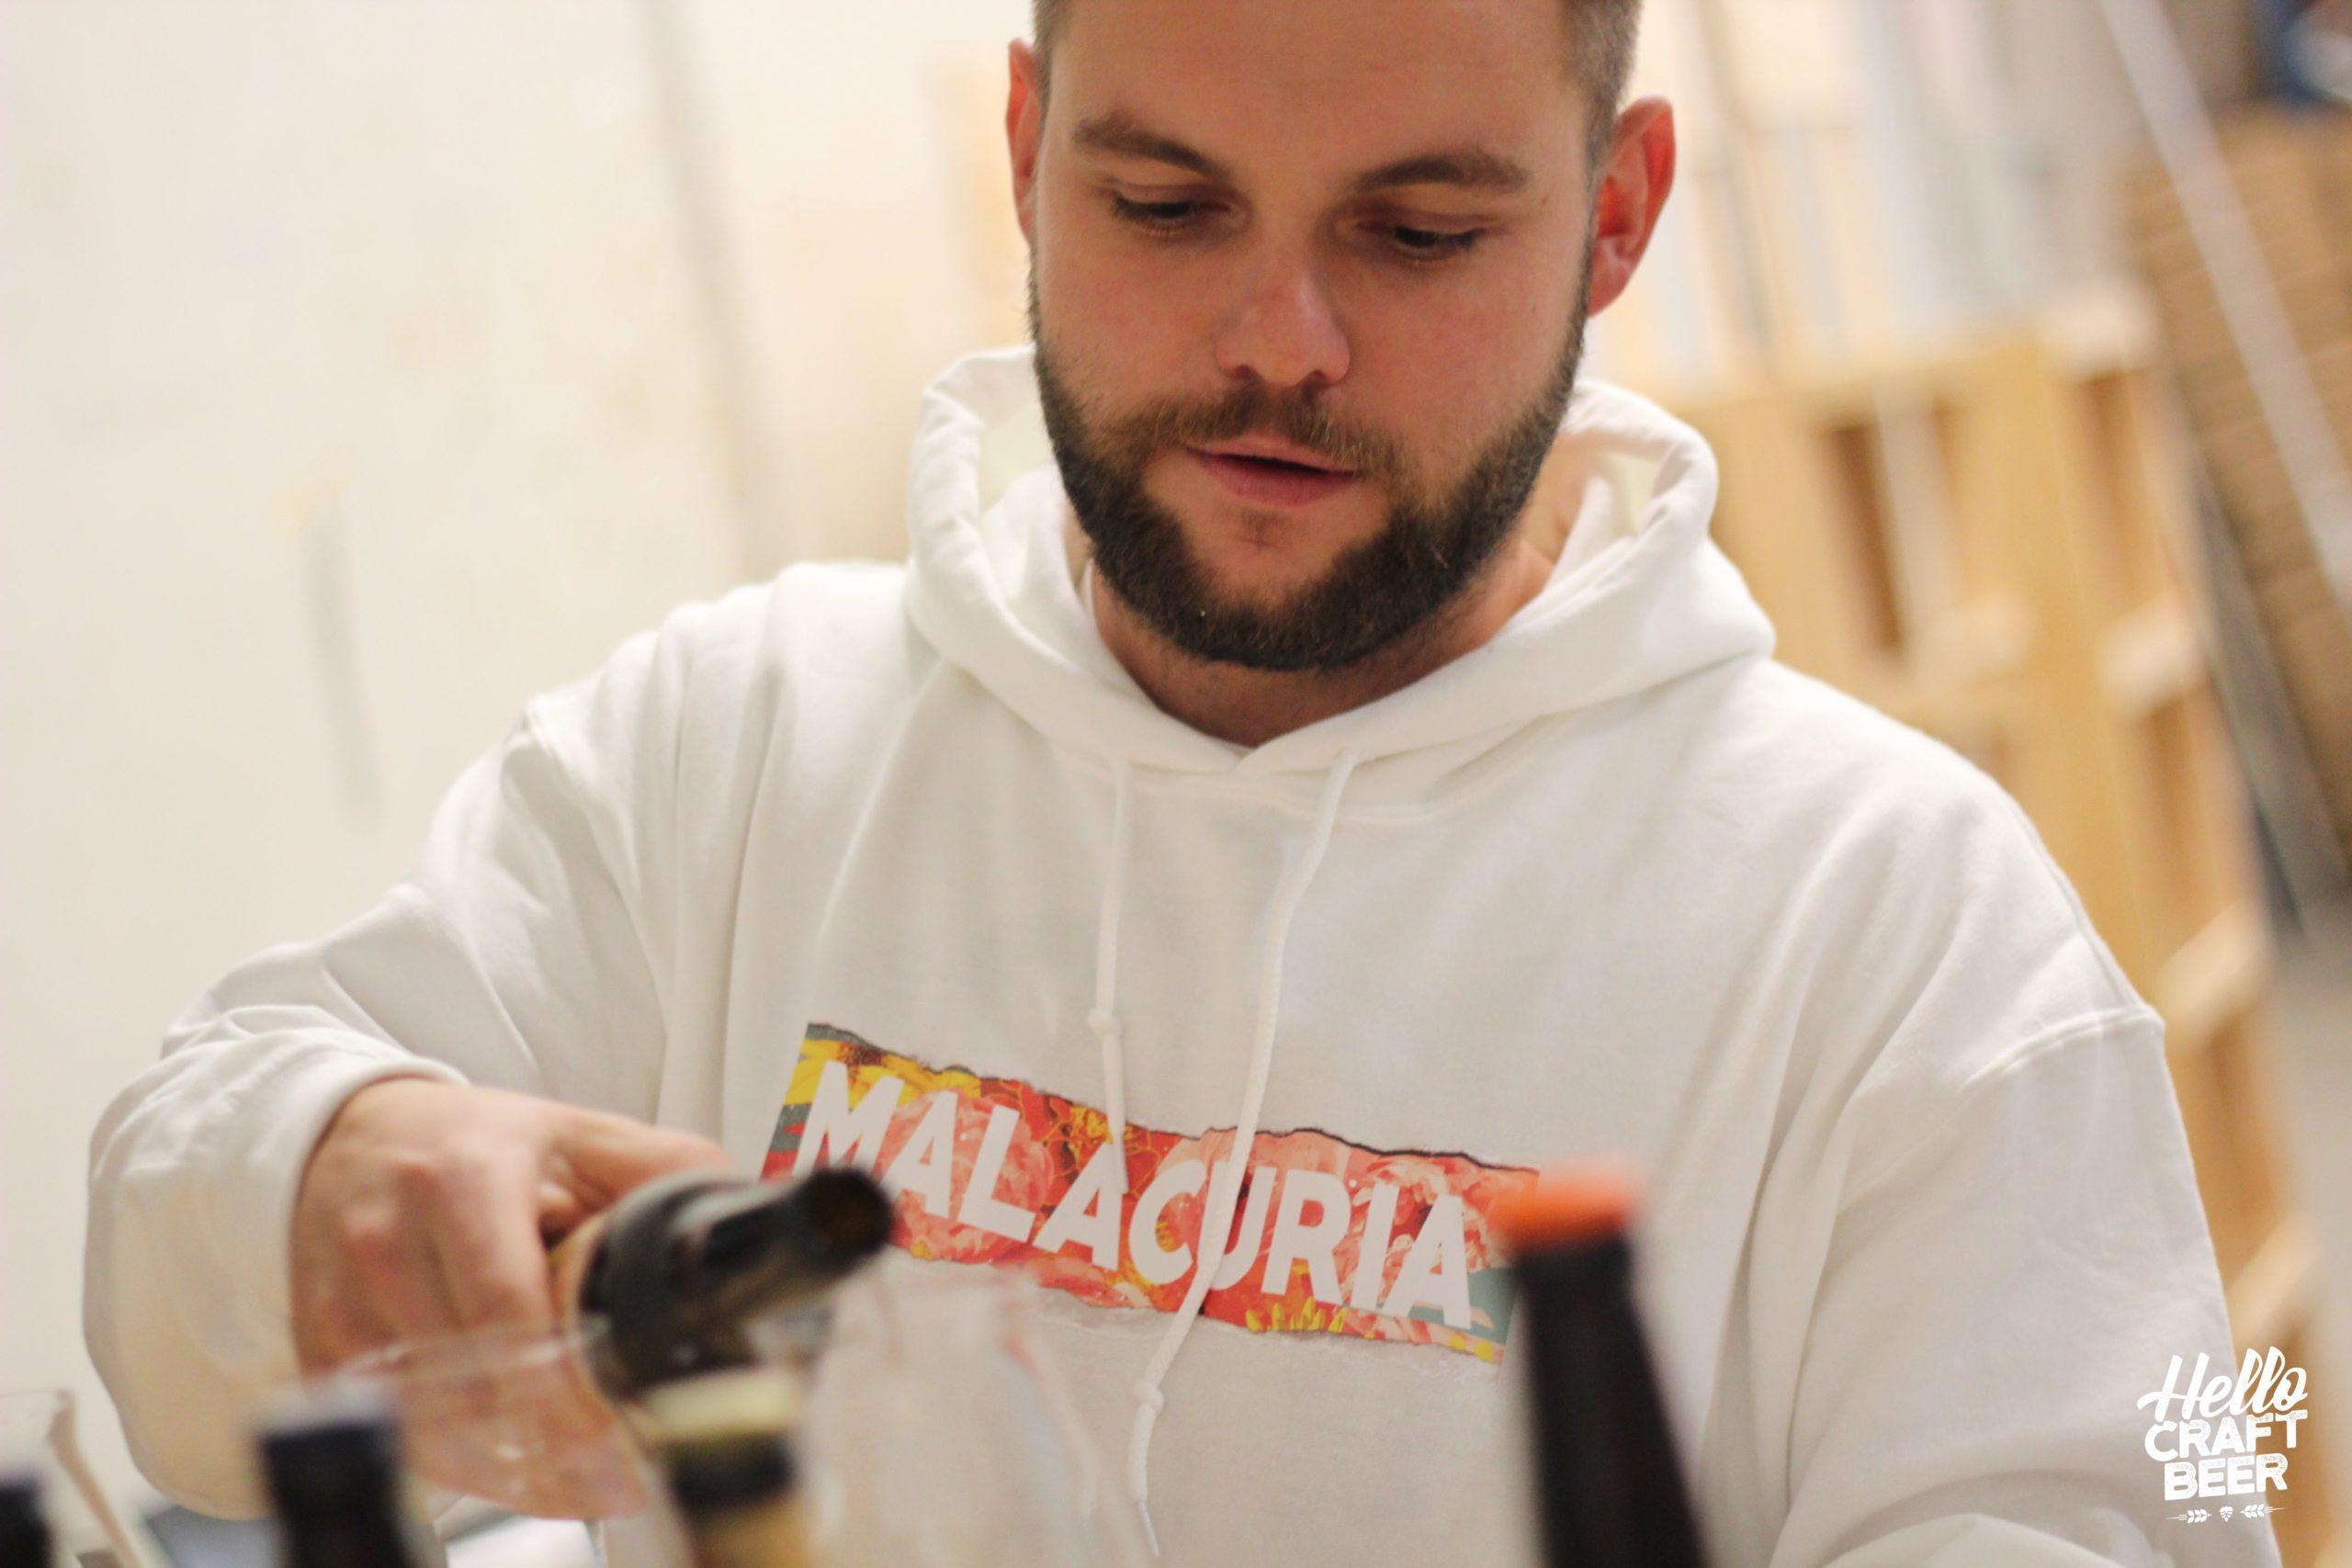 Alexis, brasseur de la brasserie Malacuria verse une bière